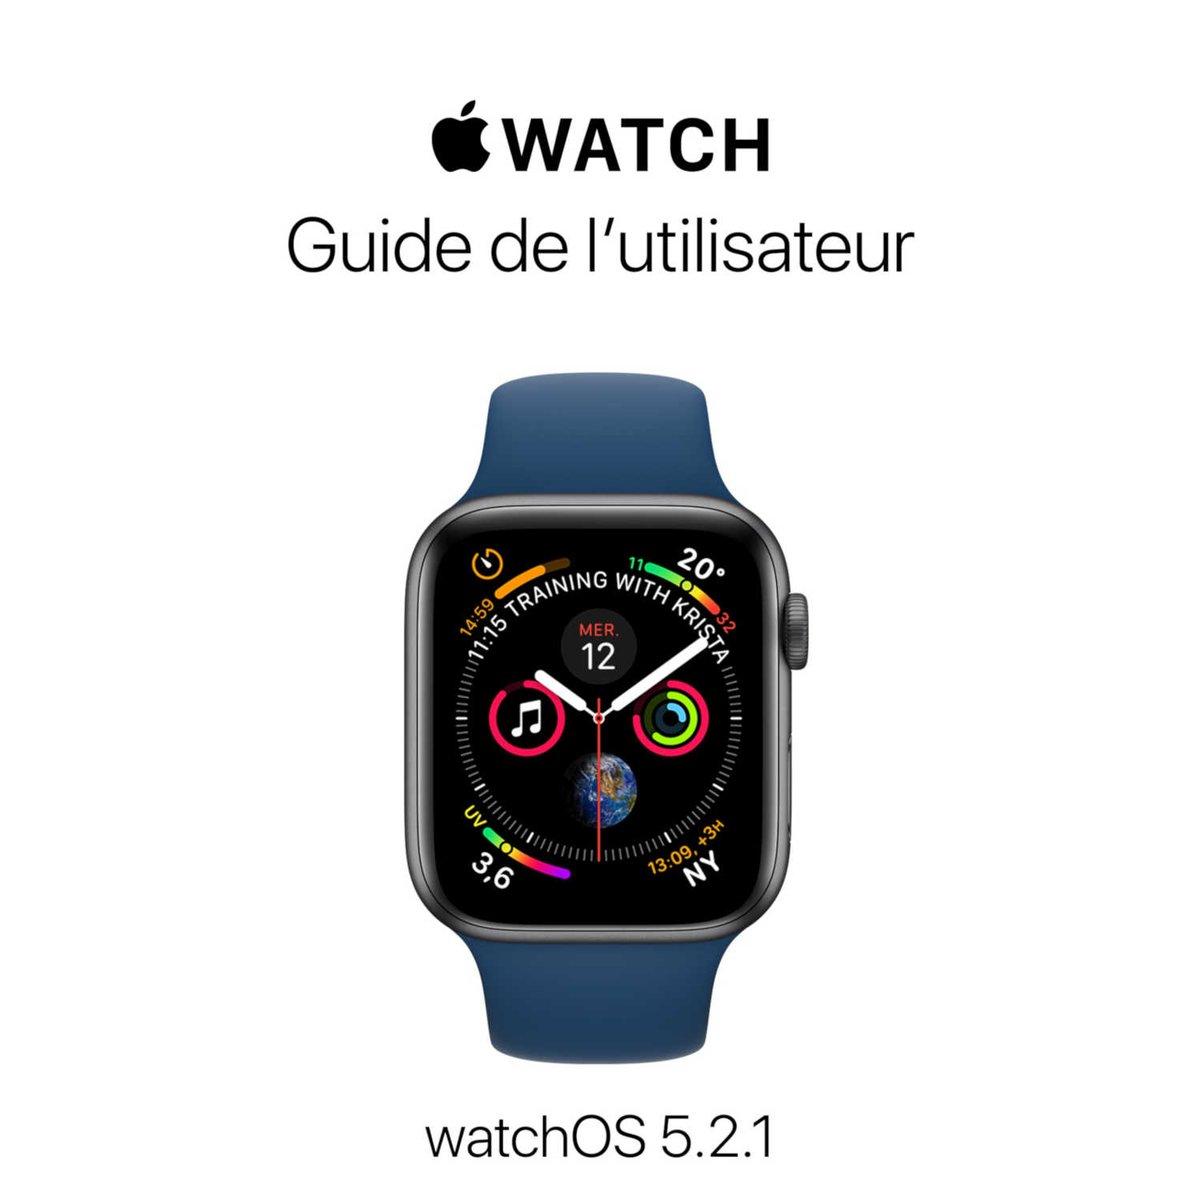 Le guide de l'utilisateur de l'Apple Watch pour watchOS 5